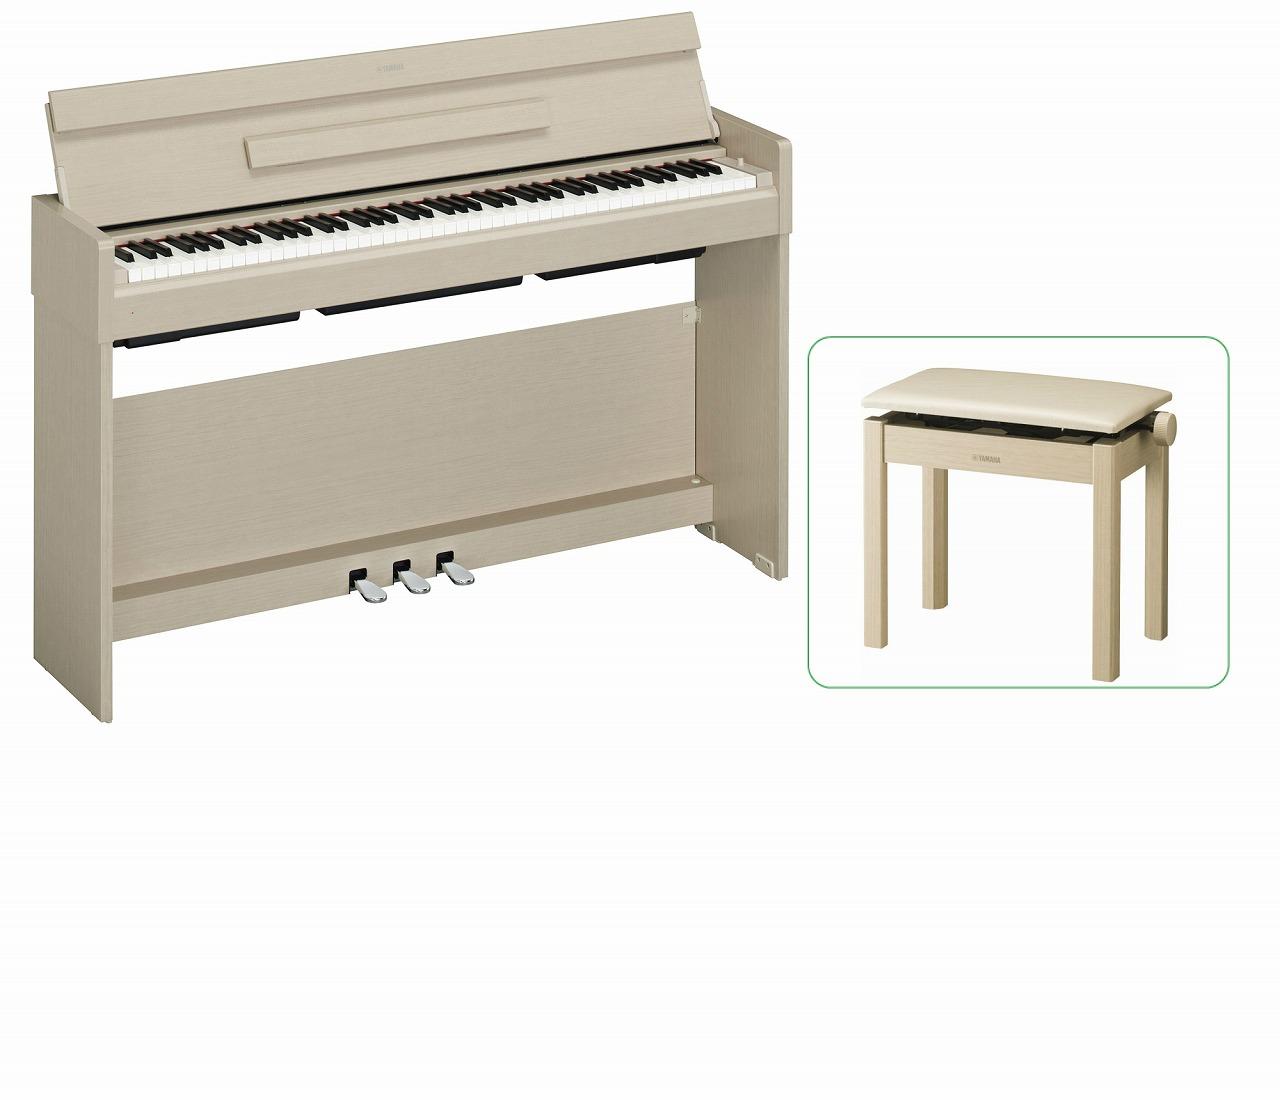 【お客様組立て品】【専用高低椅子付セット】YAMAHA ARIUS YDP-S34 WA ヤマハ 電子ピアノ ホワイトアッシュ